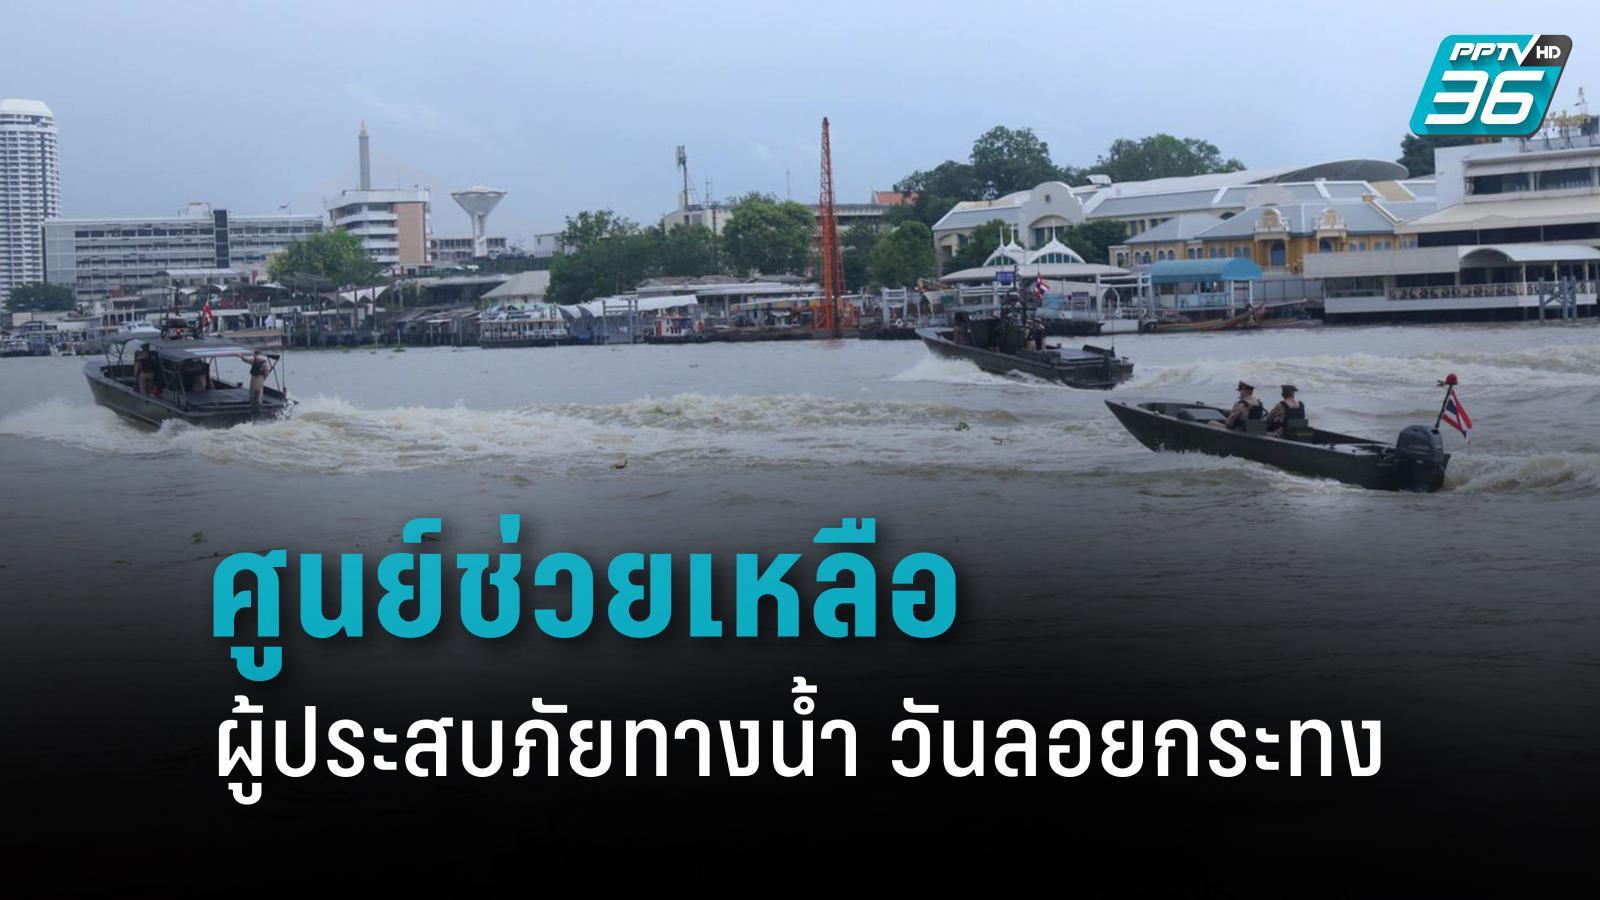 กองทัพเรือ จัดตั้งศูนย์ช่วยเหลือผู้ประสบภัยทางน้ำ วันลอยกระทง